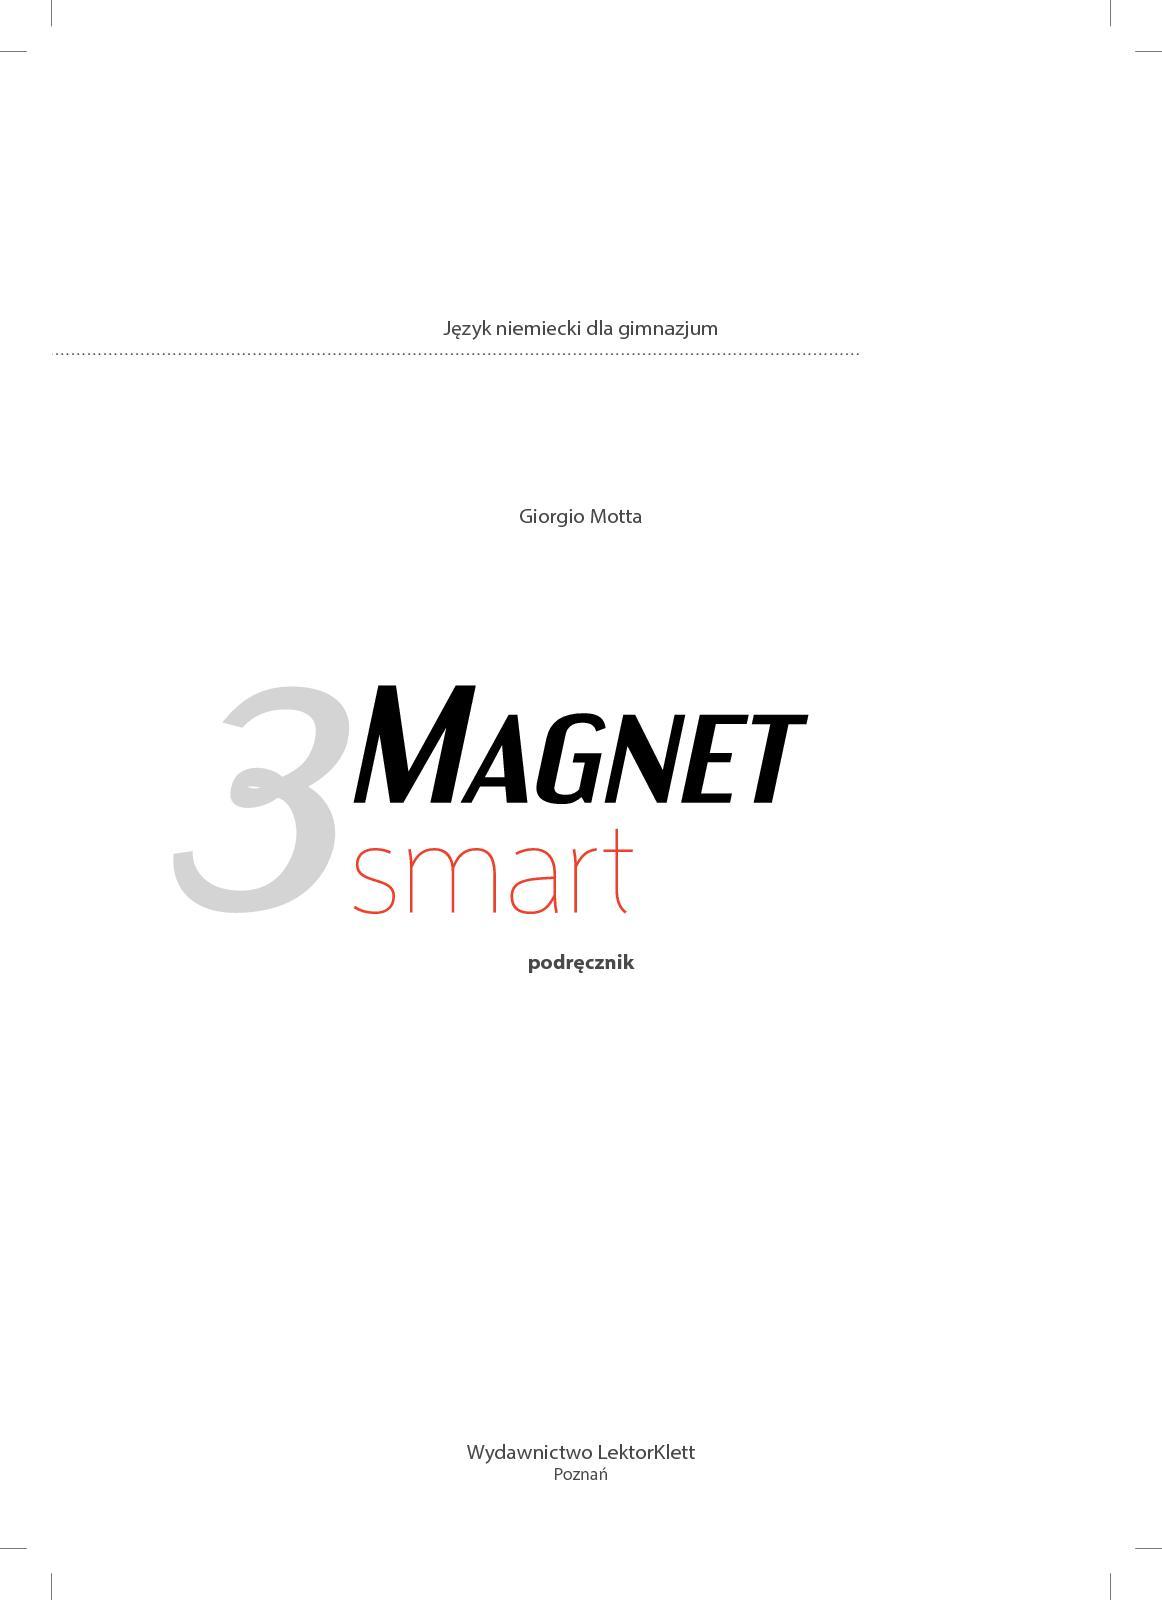 Magnet Smart 3 - Podręcznik